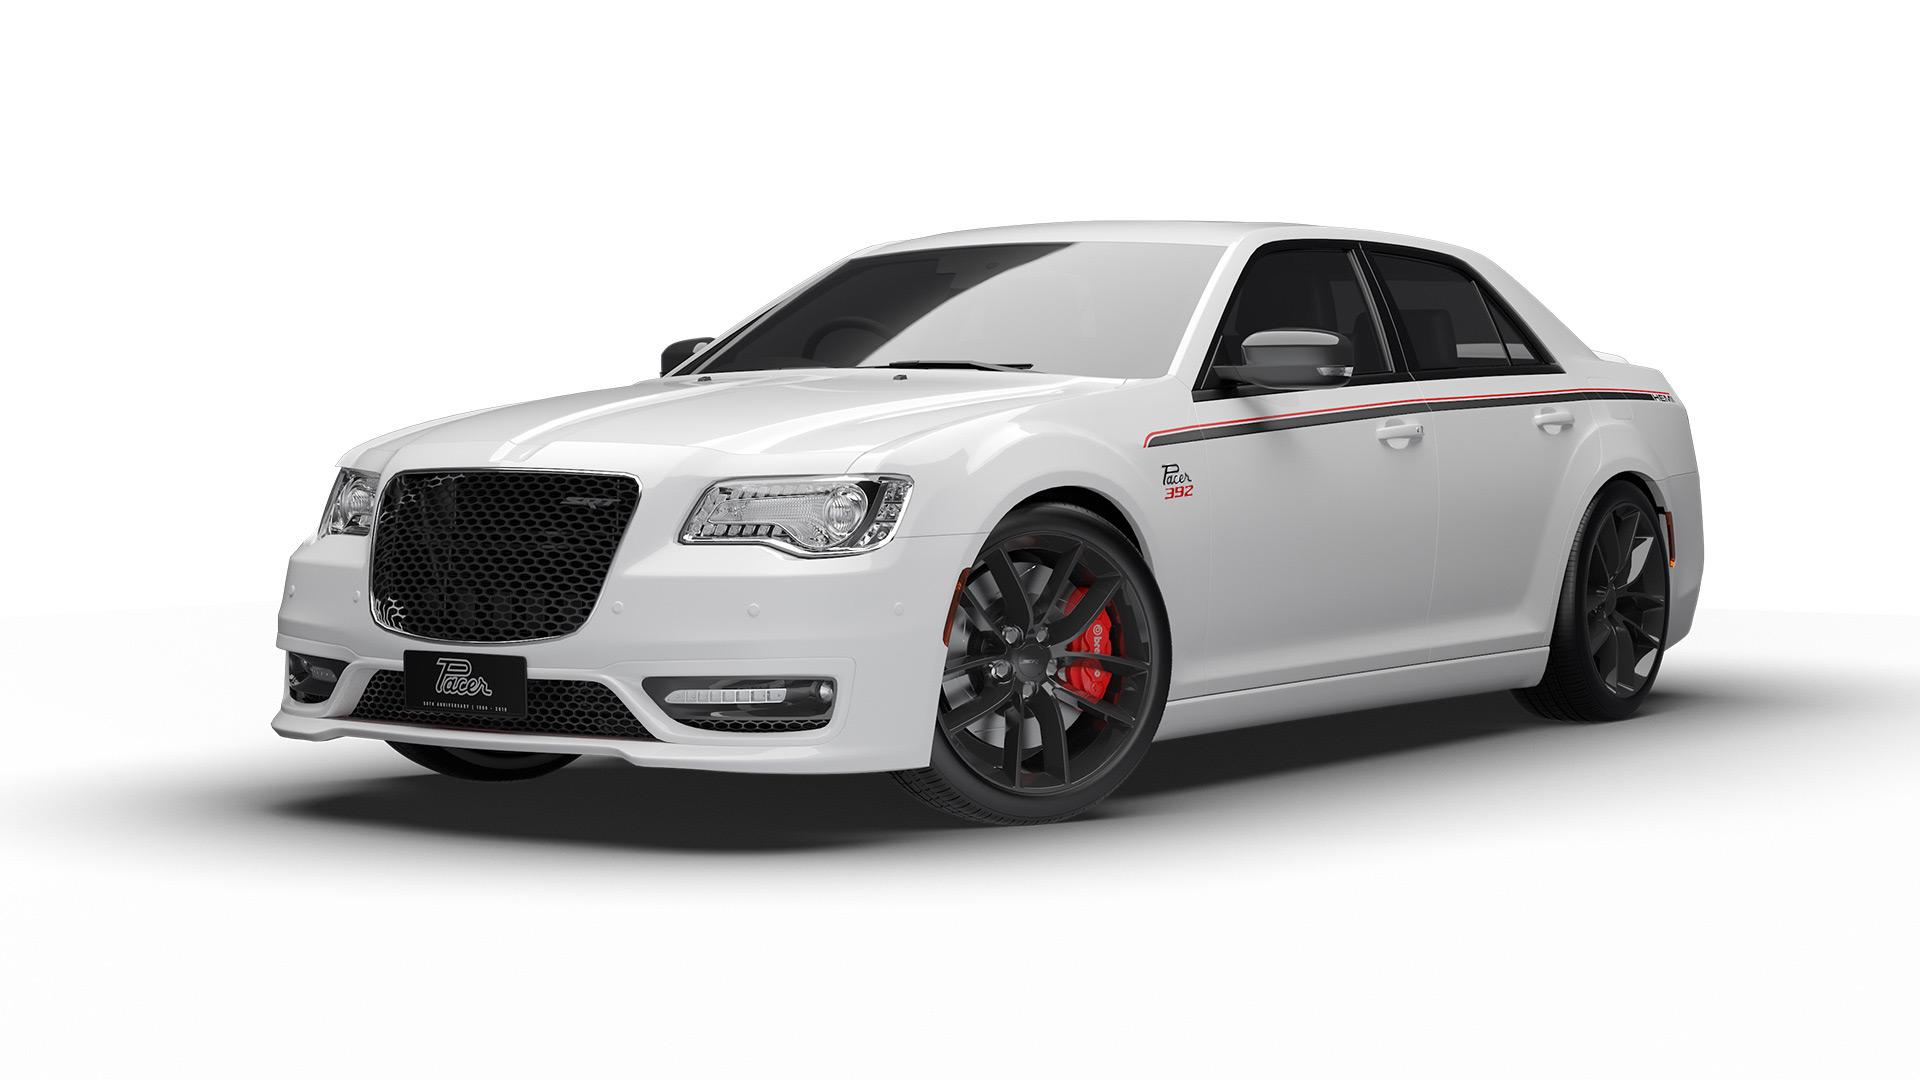 Chrysler Australia 300 SRT Pacer